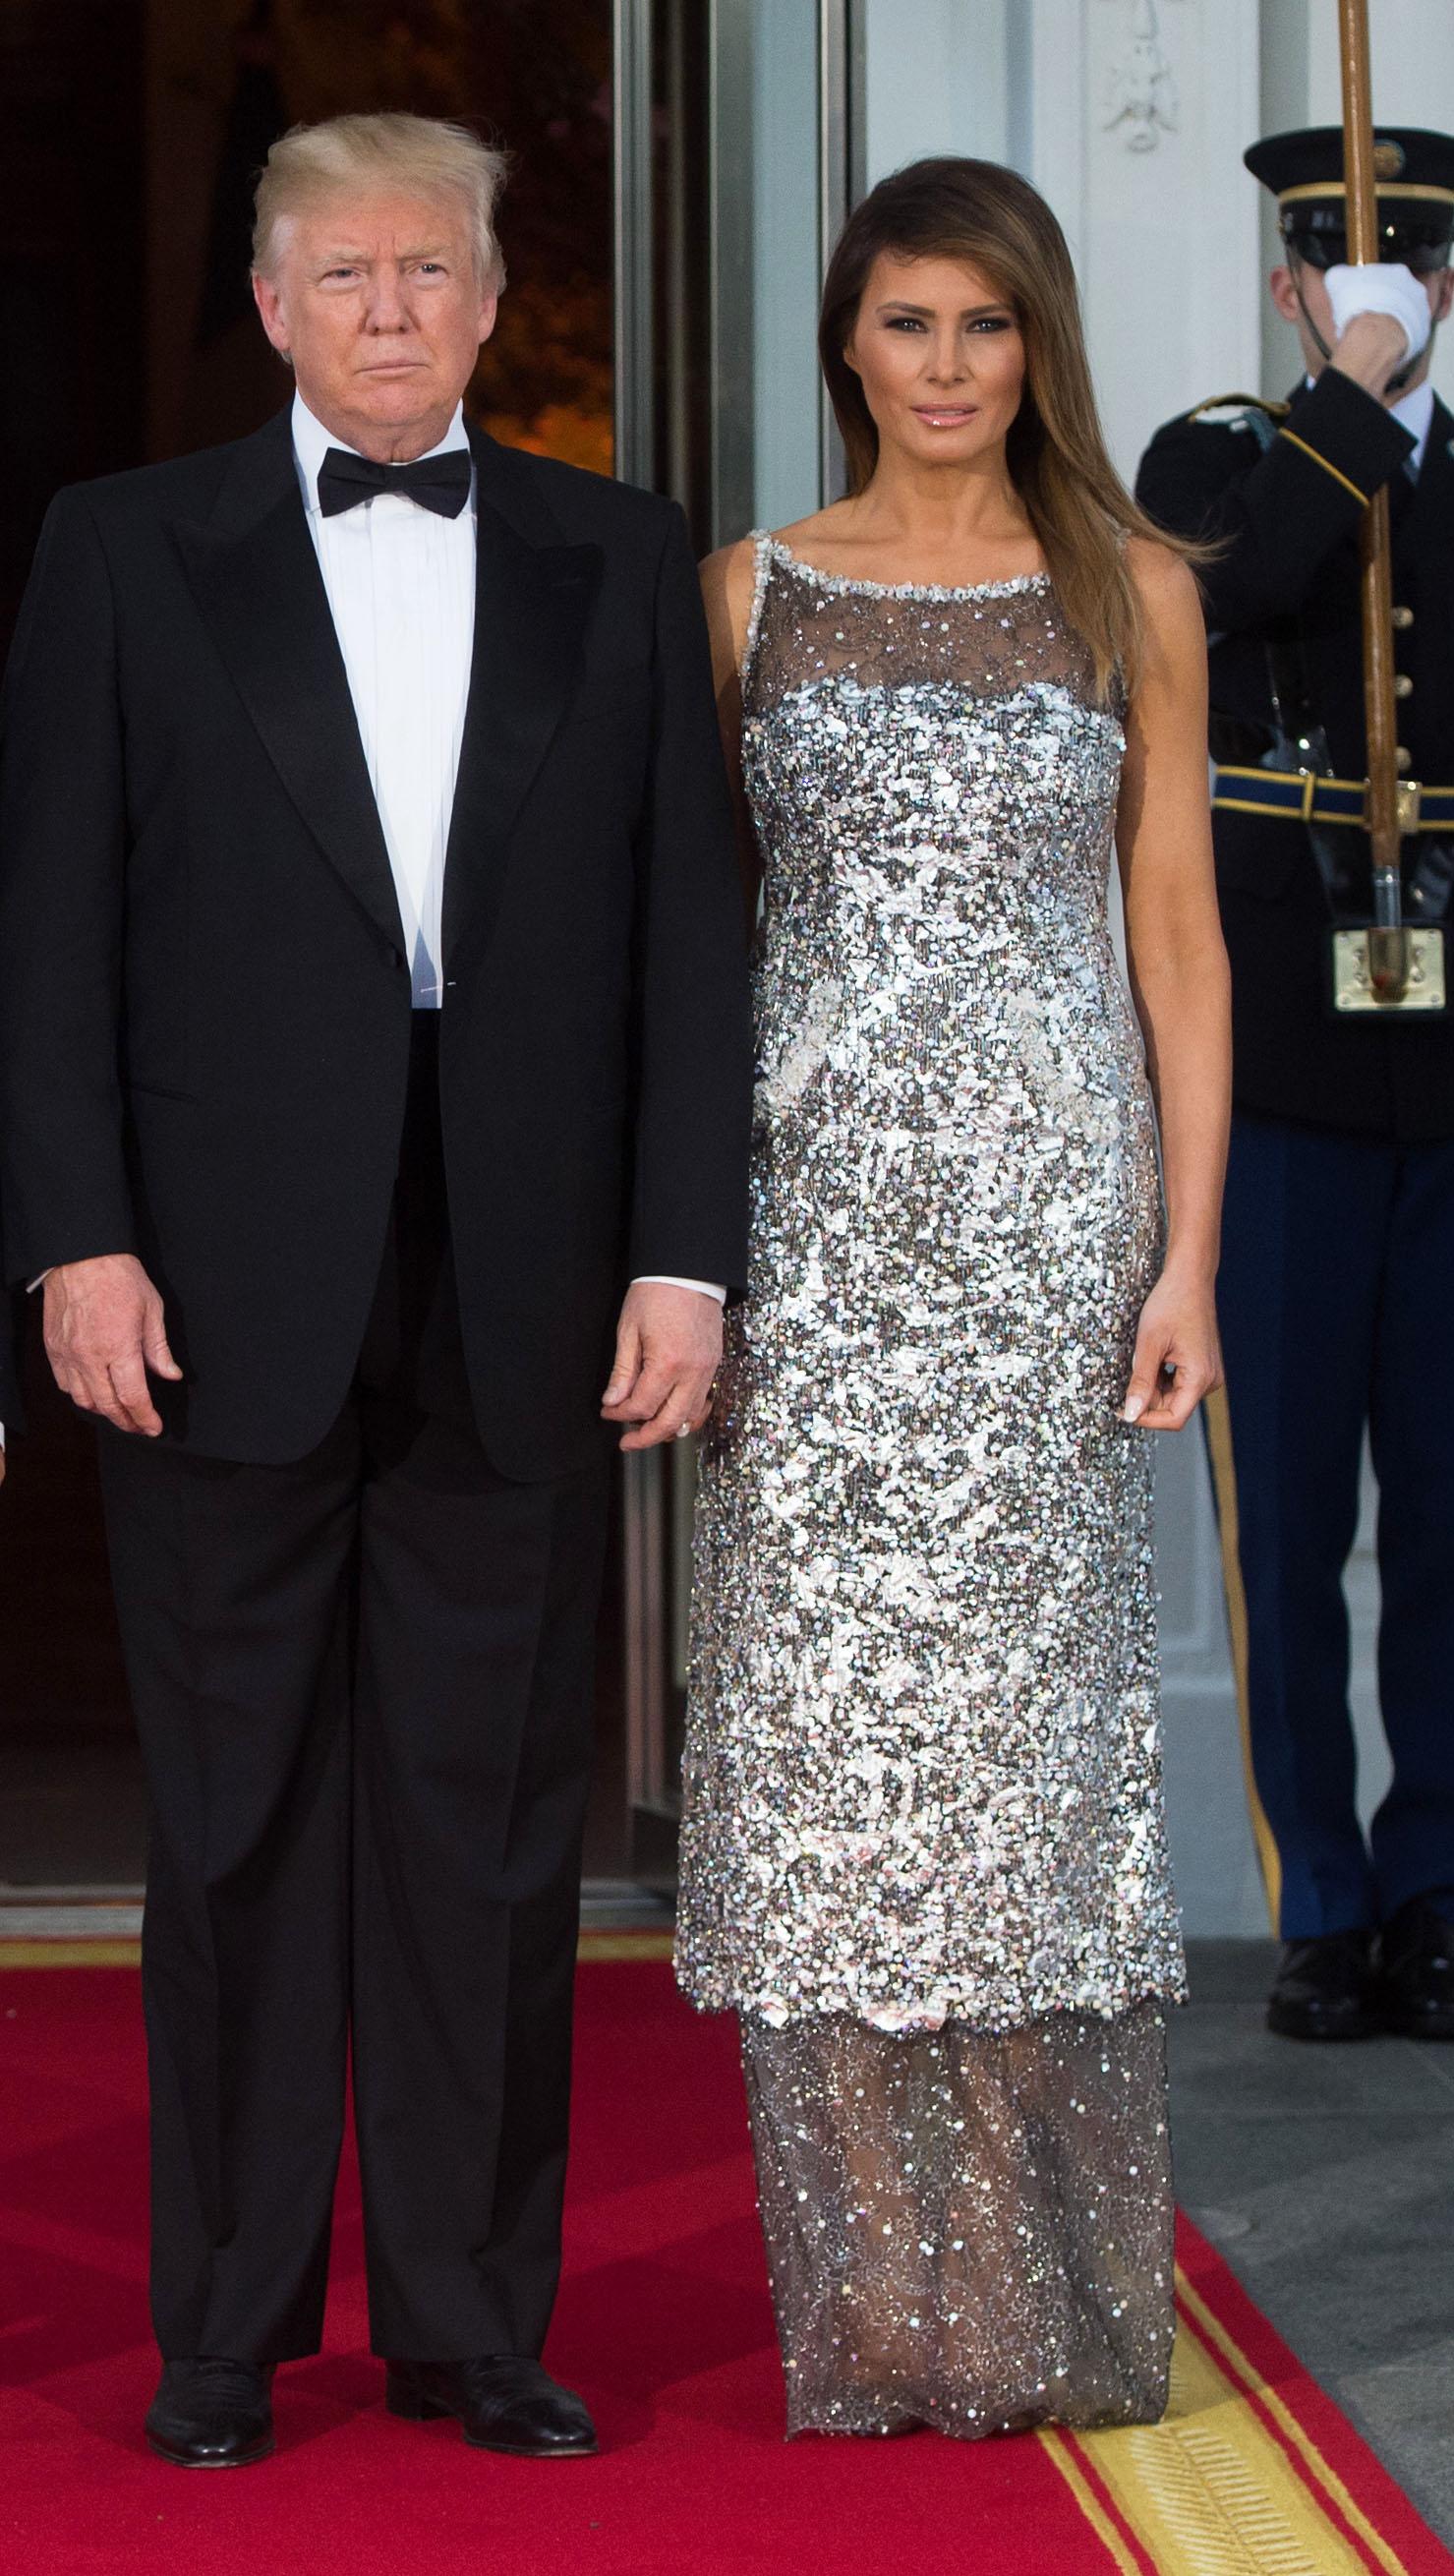 Donald Trump, Melania Trump, vestido, chanel, cena de estado